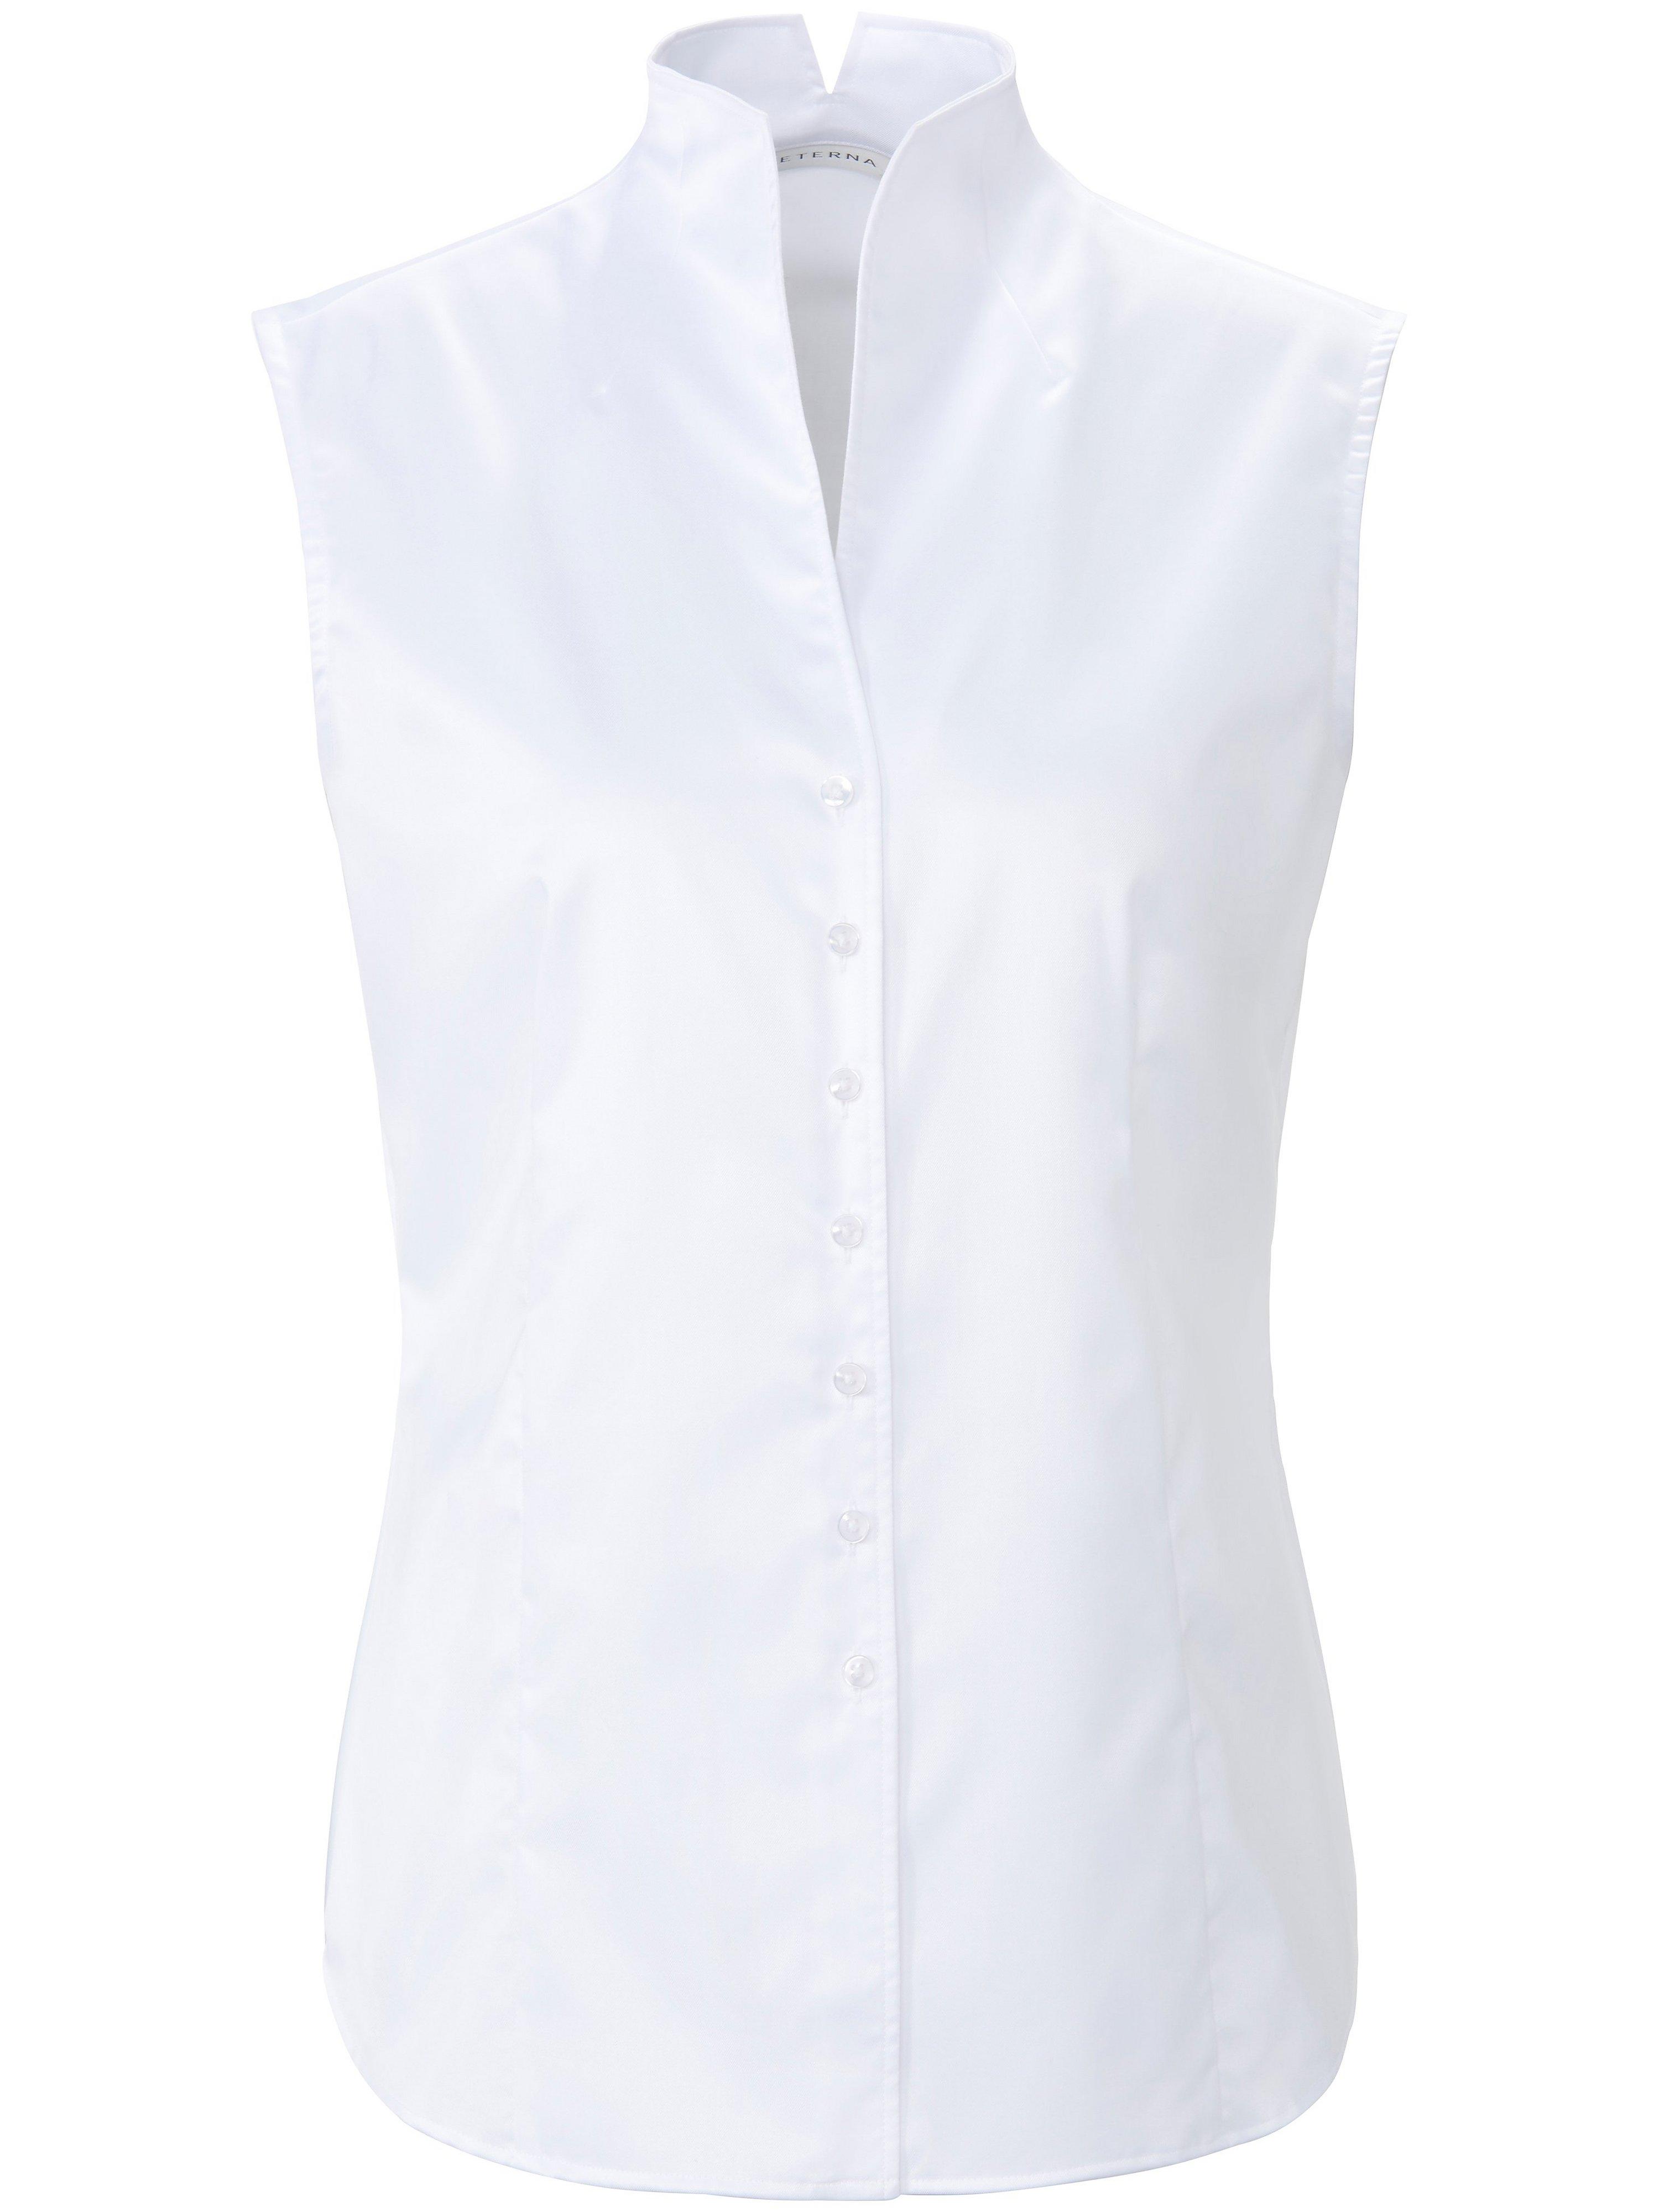 Mouwloze blouse 100% katoen Van Eterna wit